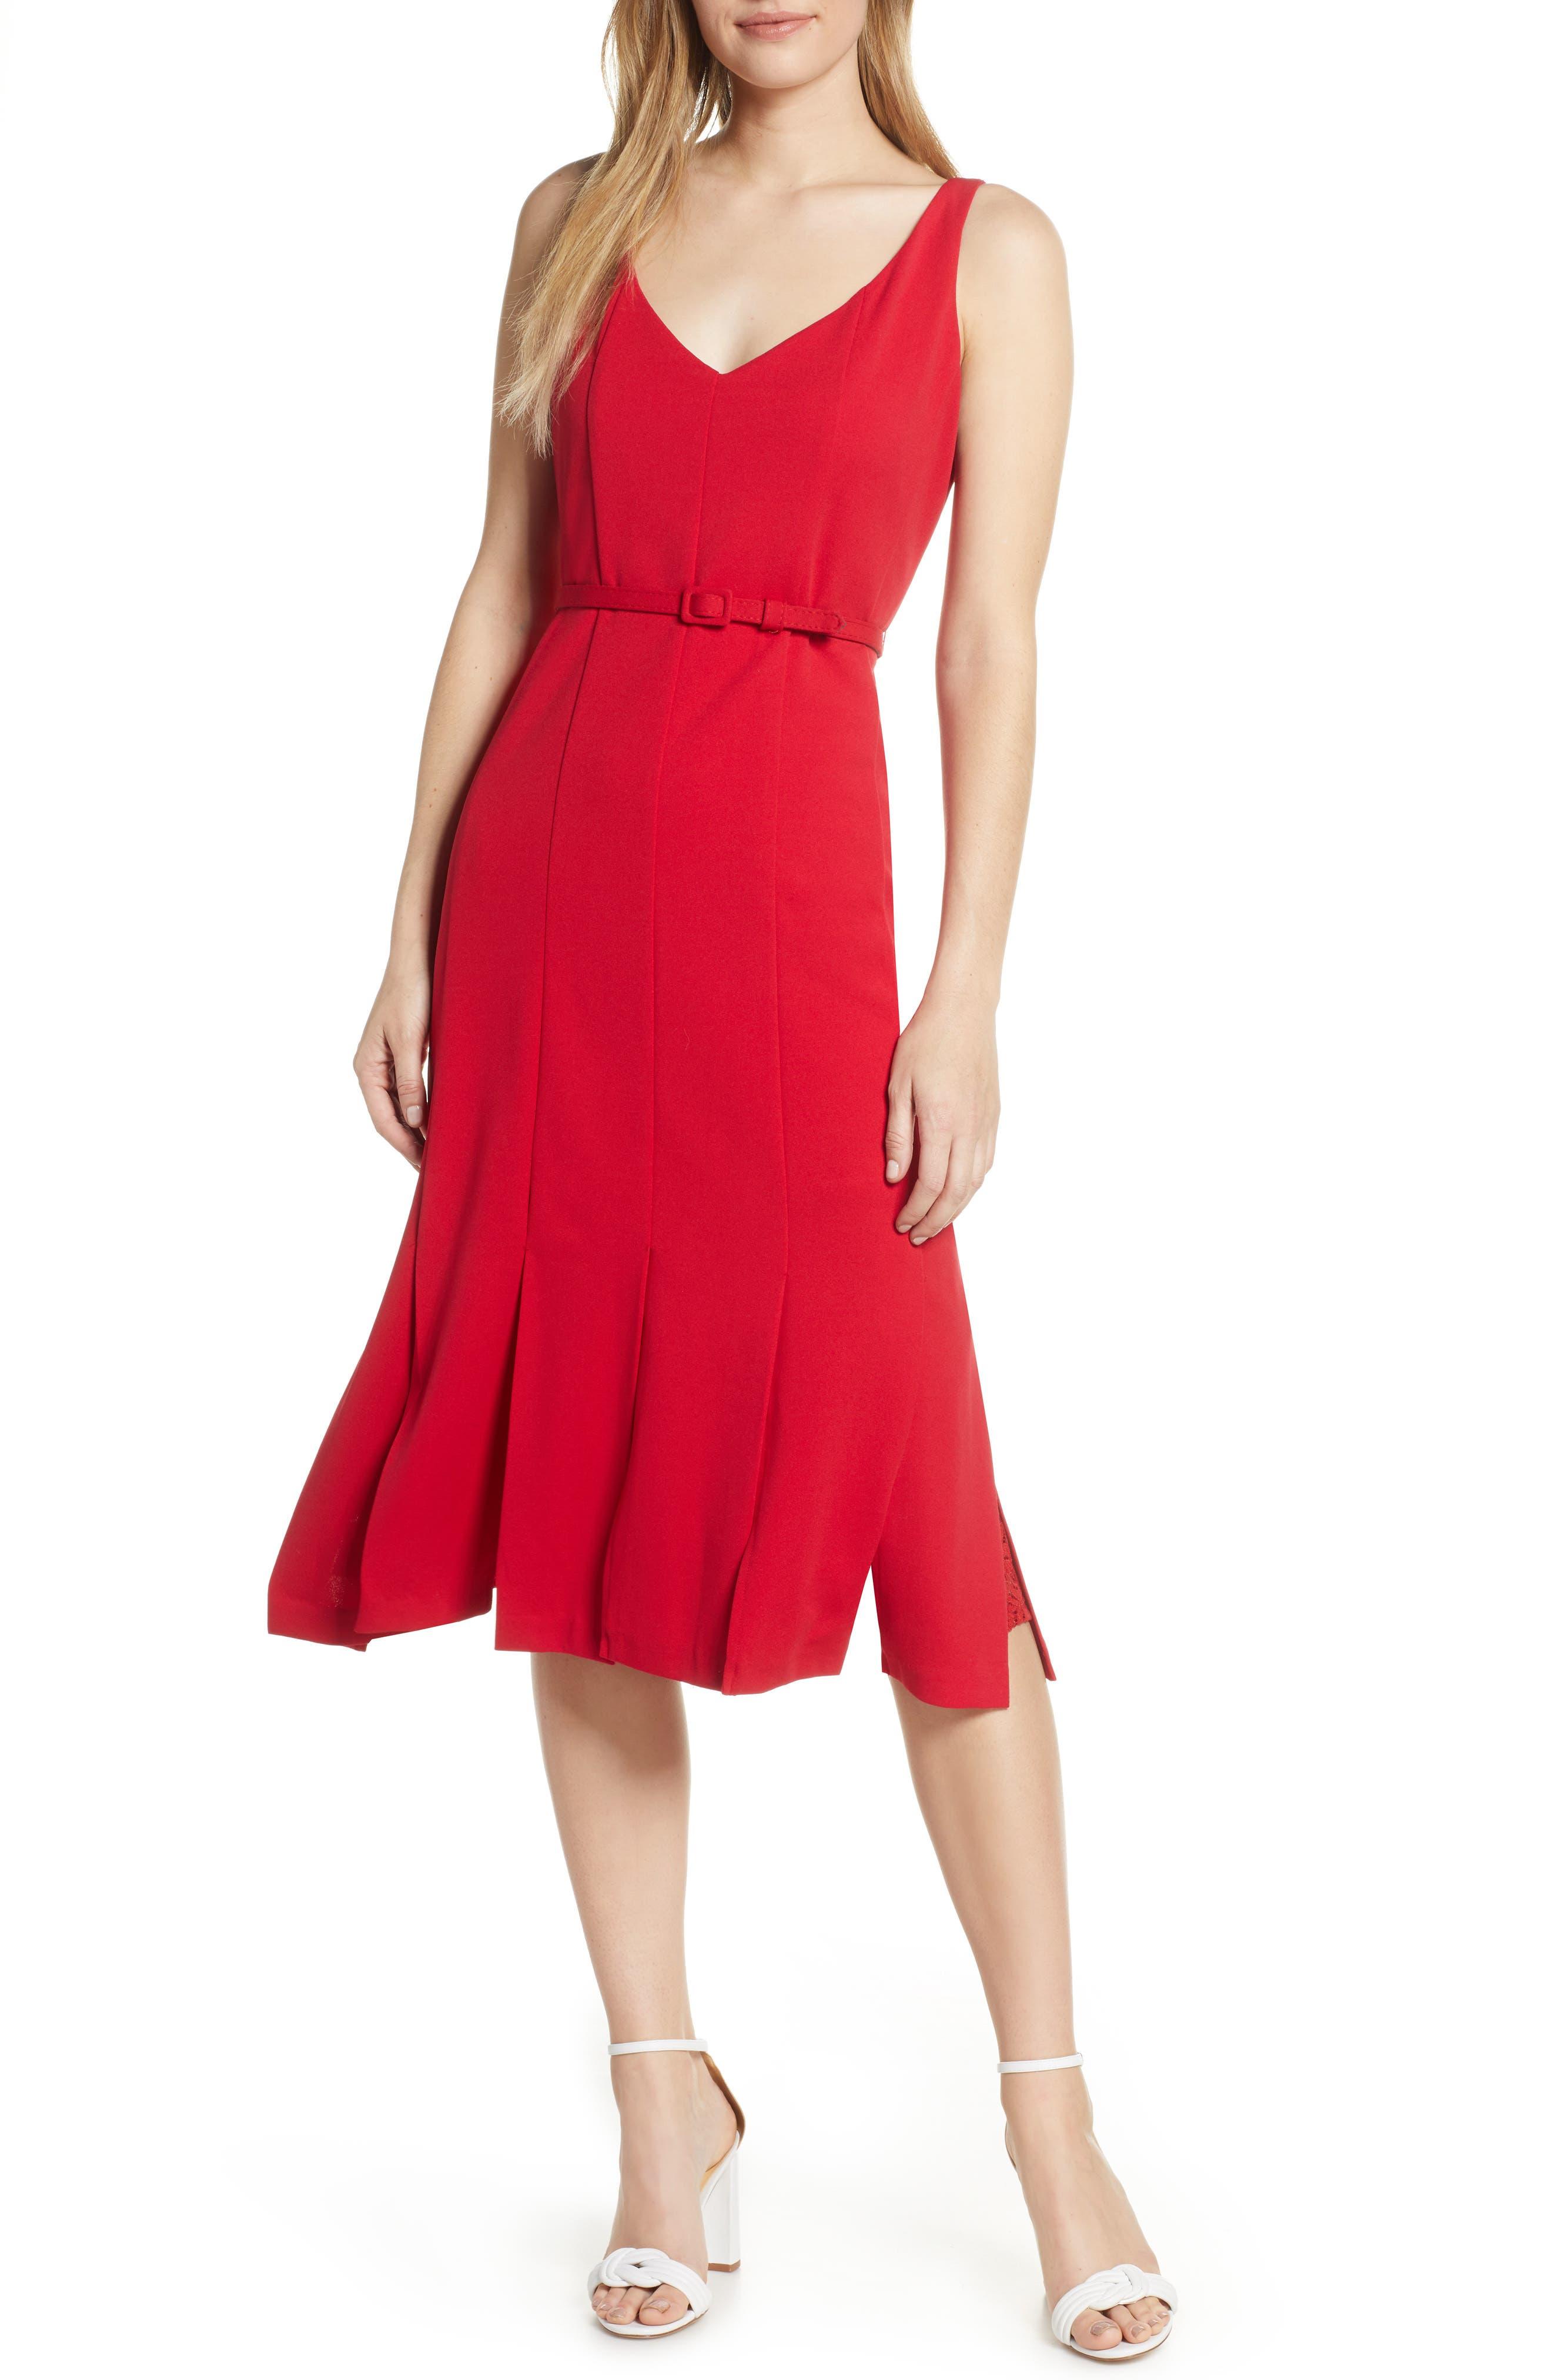 JULIA JORDAN, Belted Midi Dress, Main thumbnail 1, color, RED